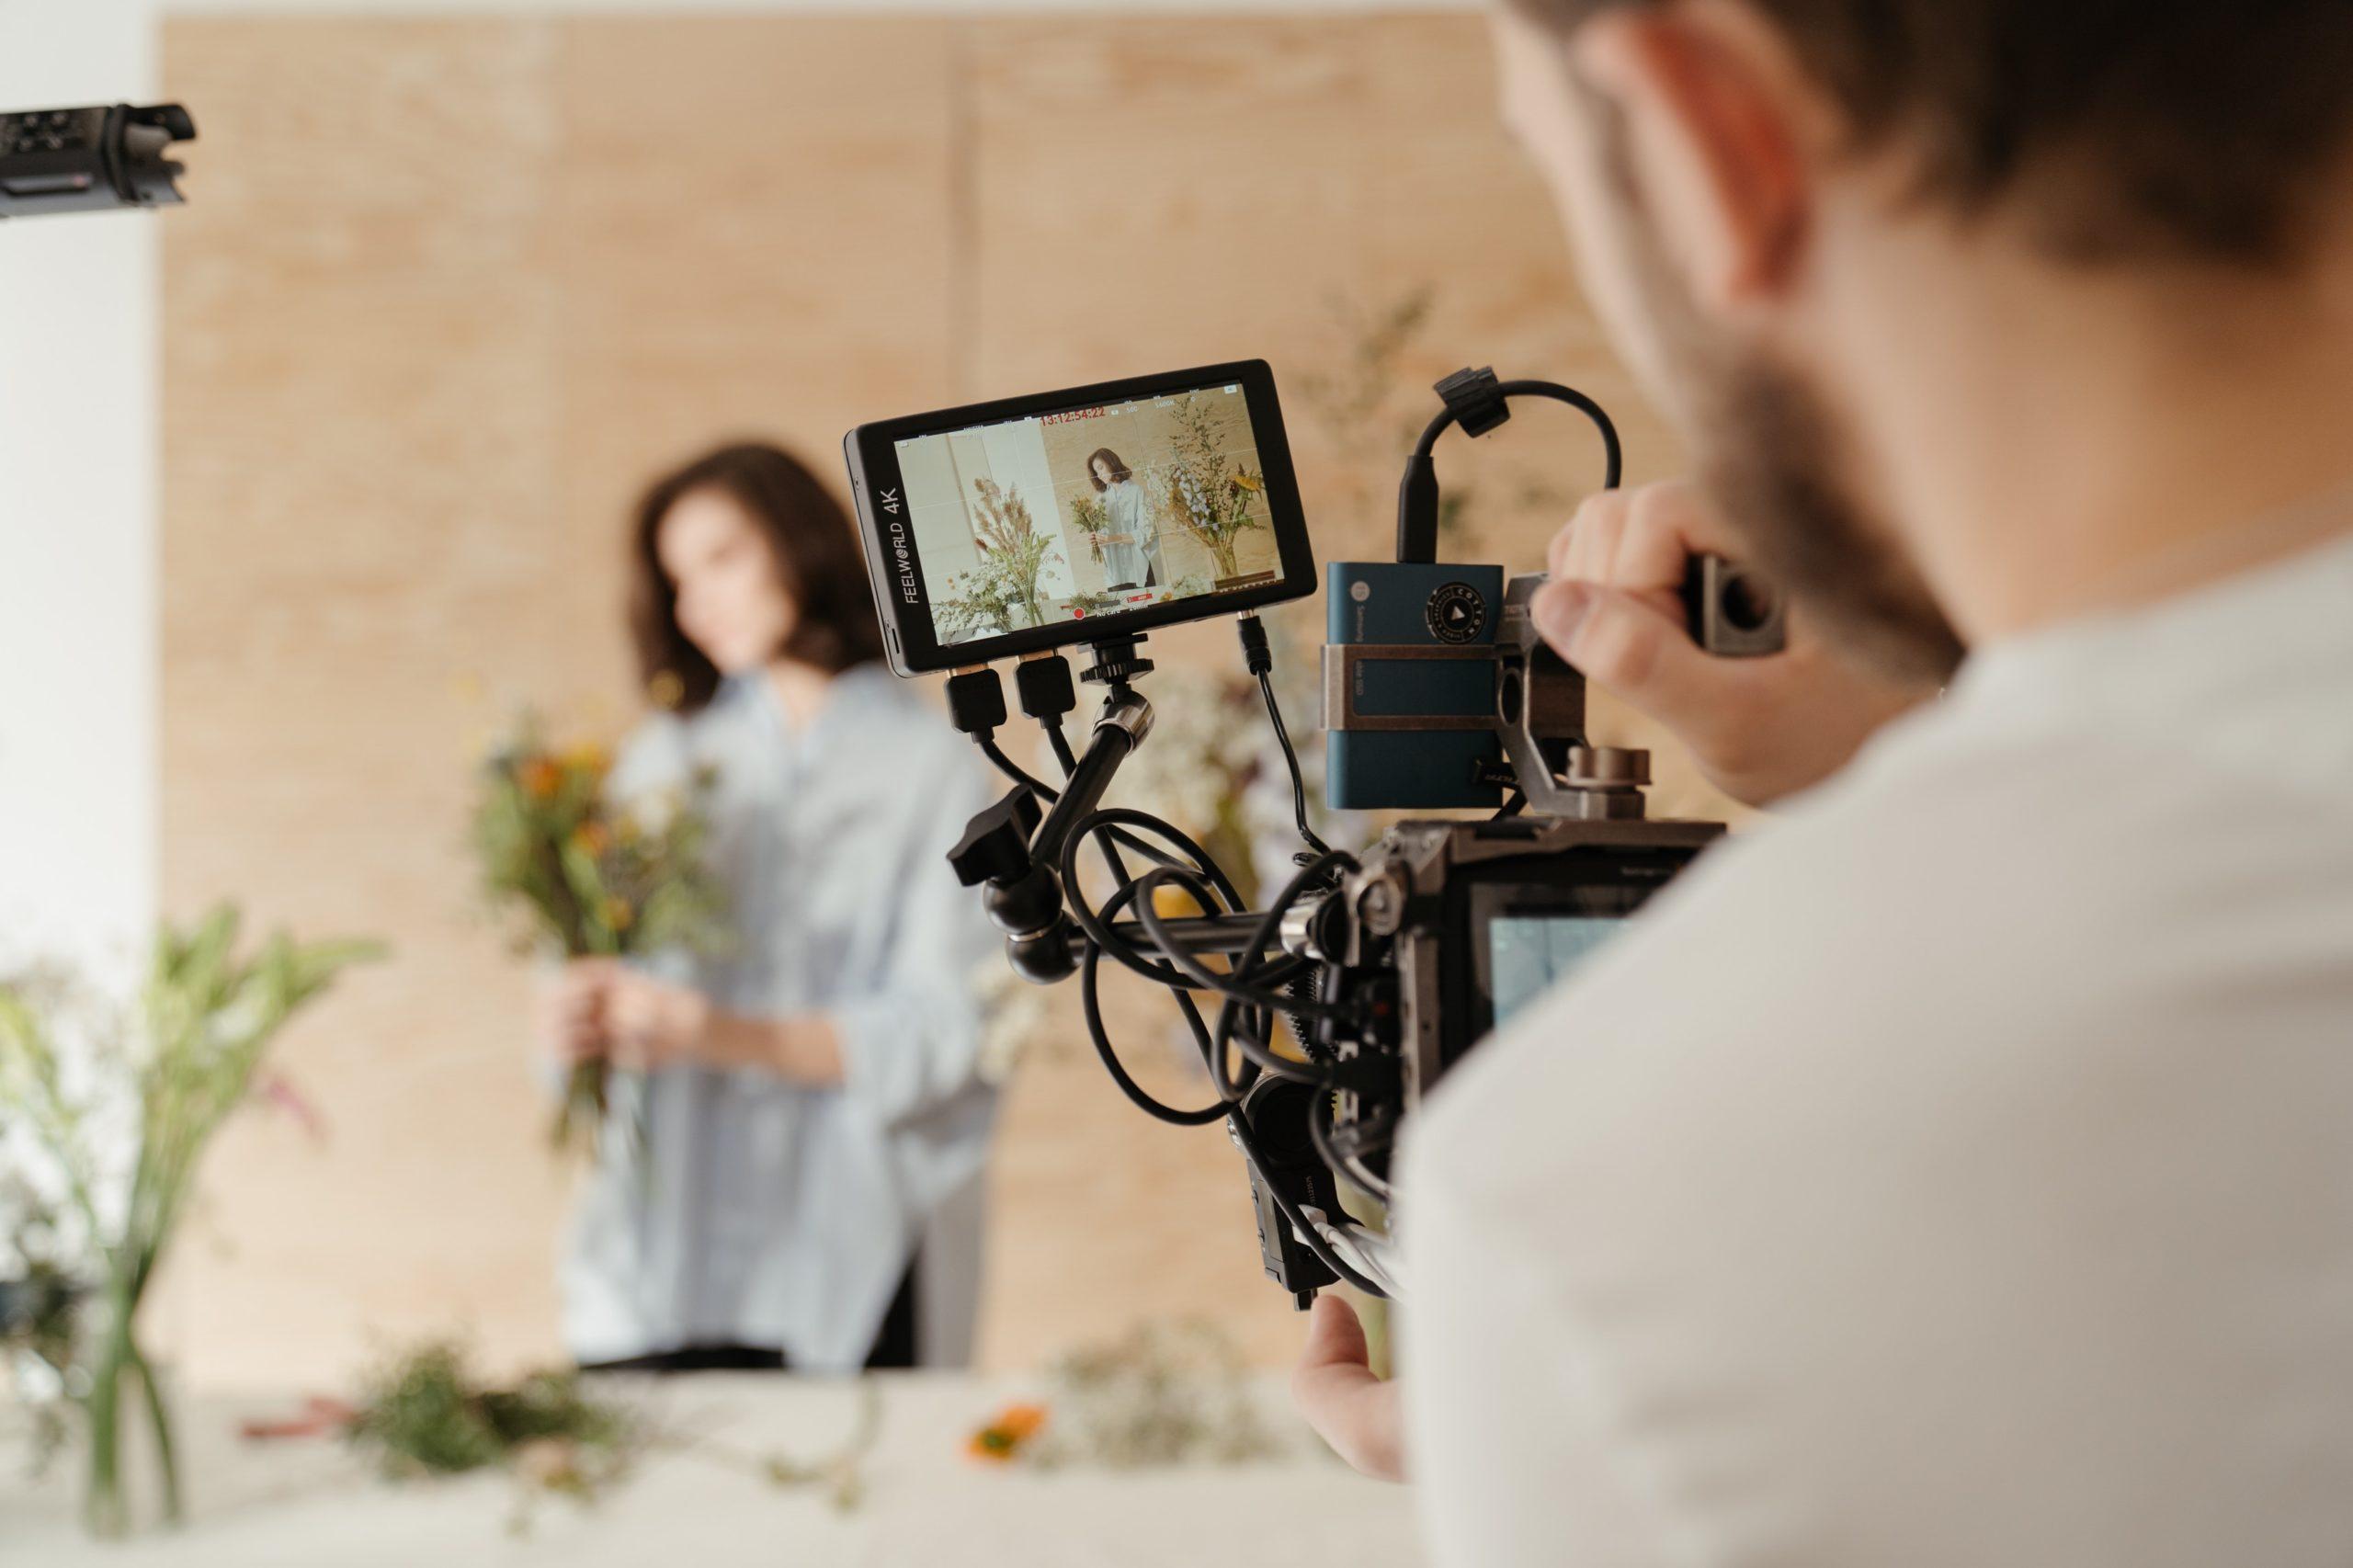 動画を用意する方法